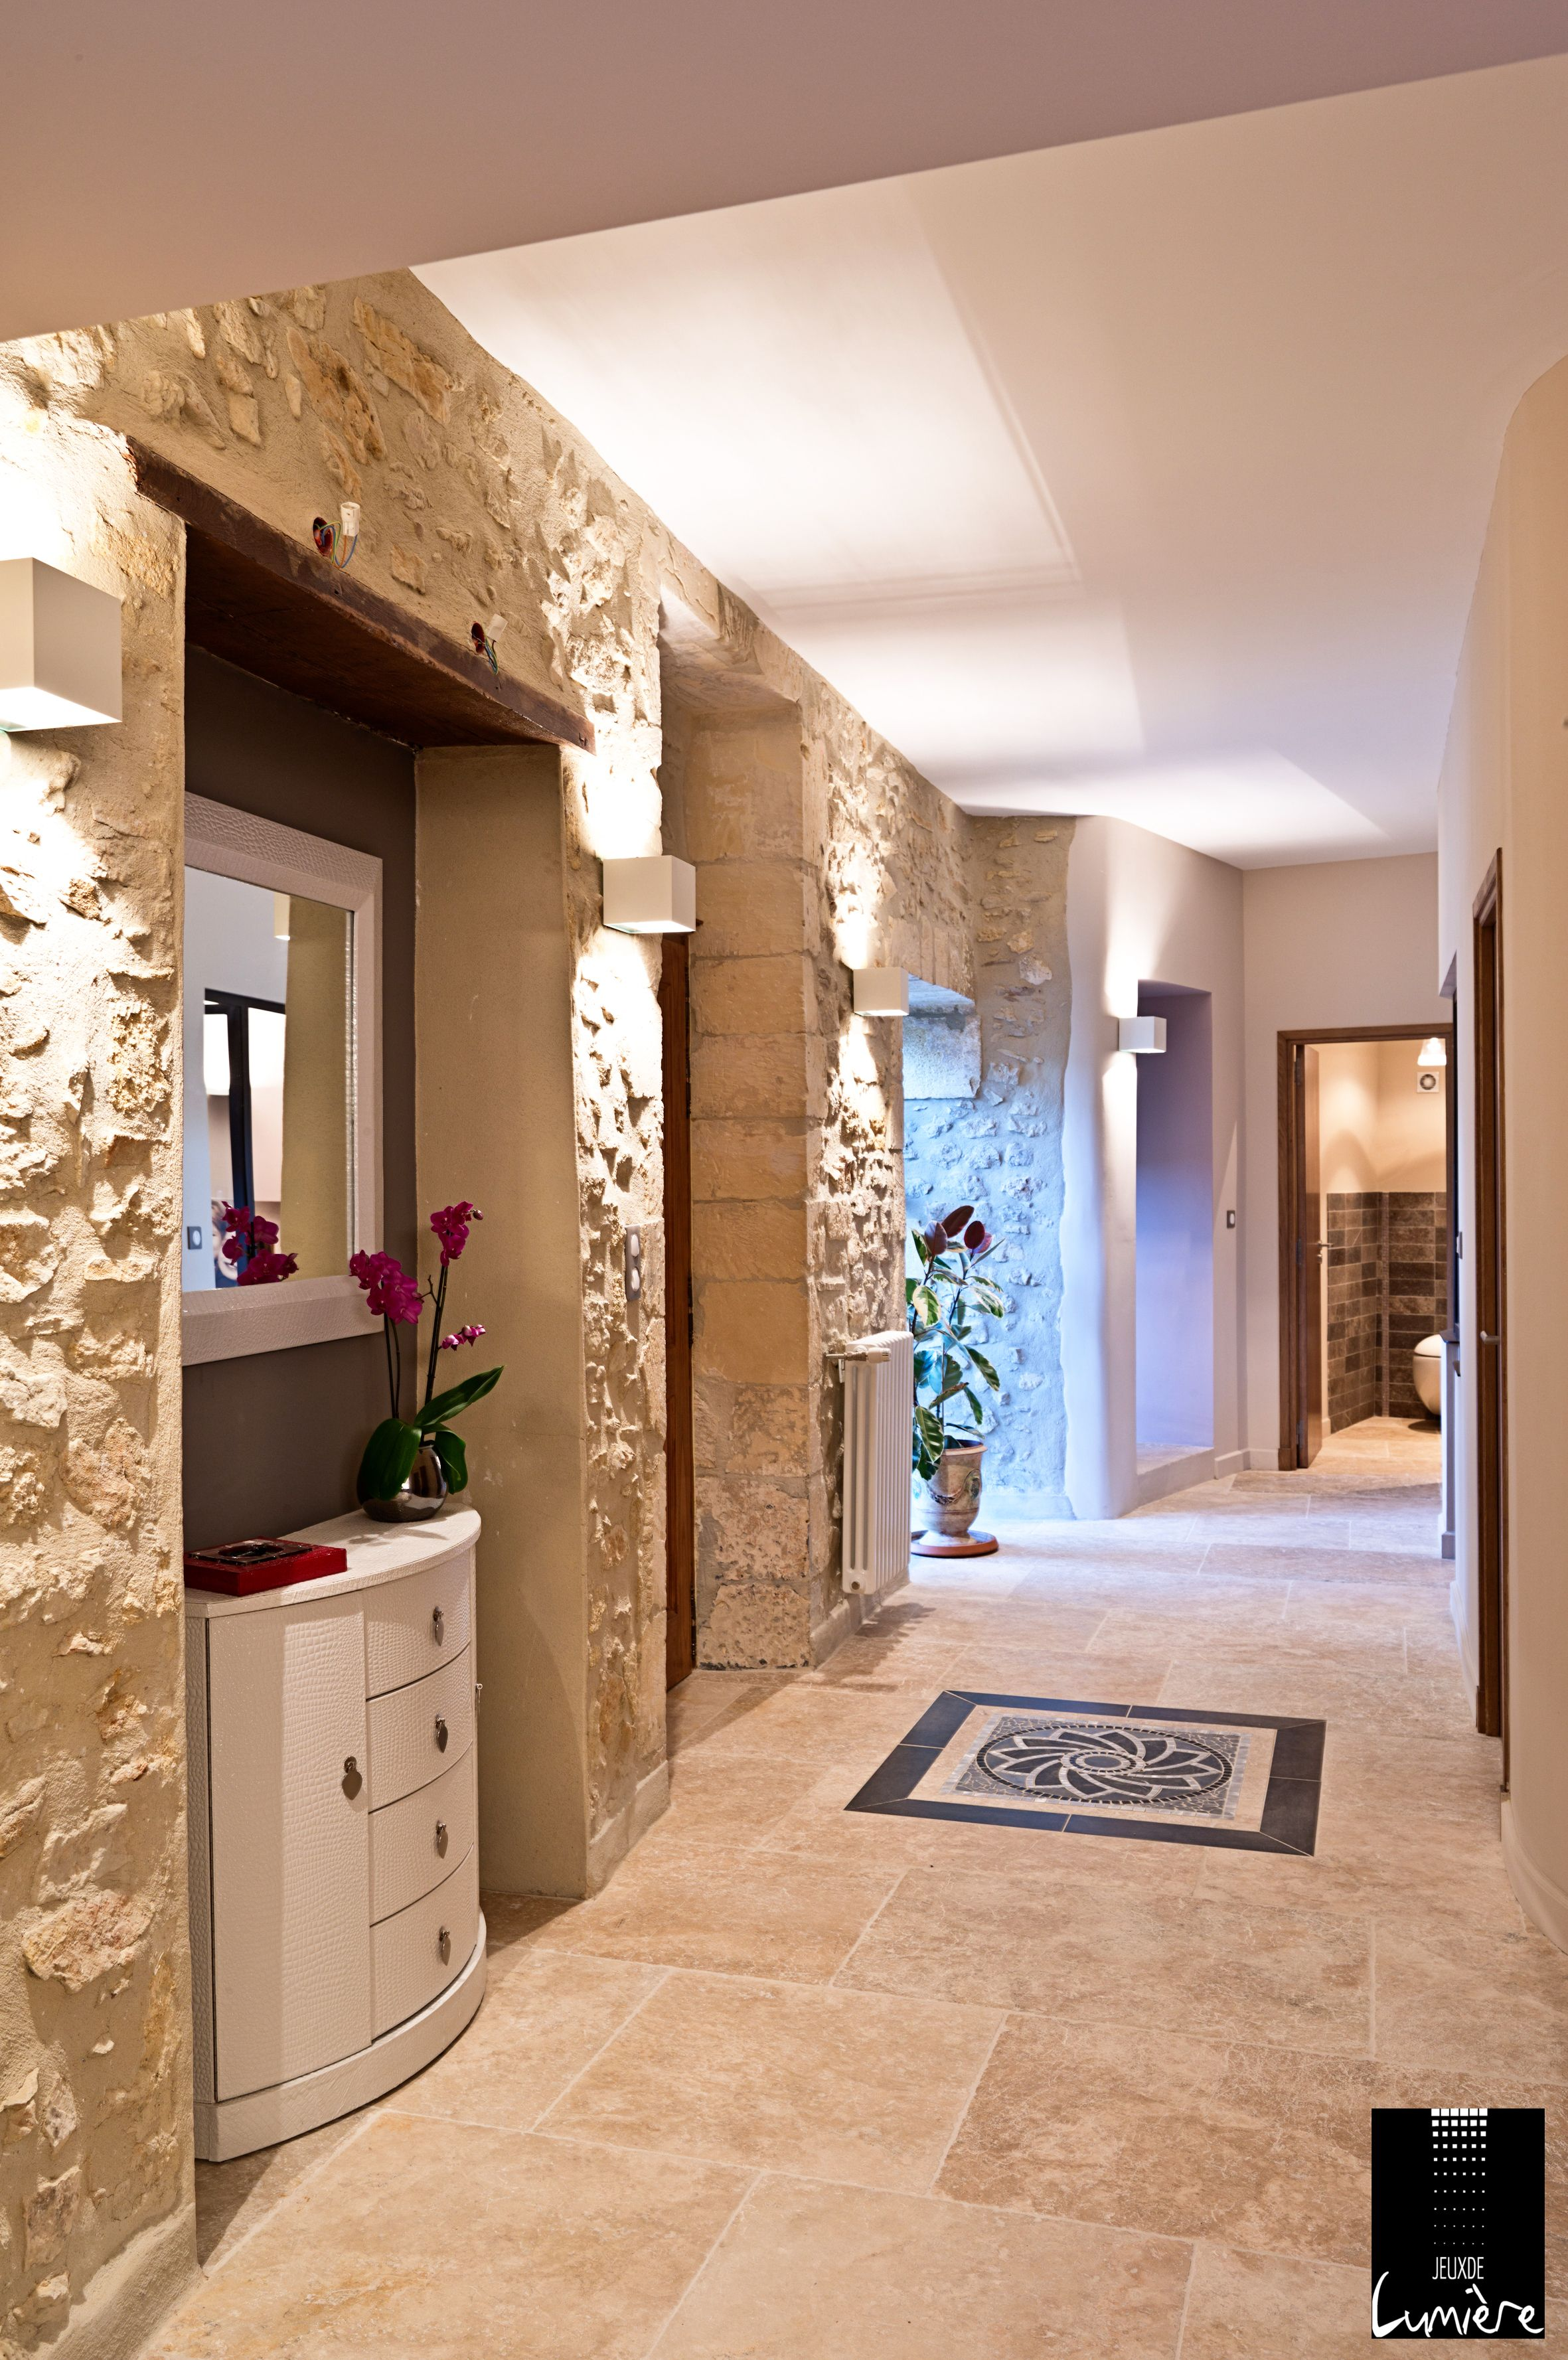 mise en valeur des murs en pierre avec des appliques carrées pour